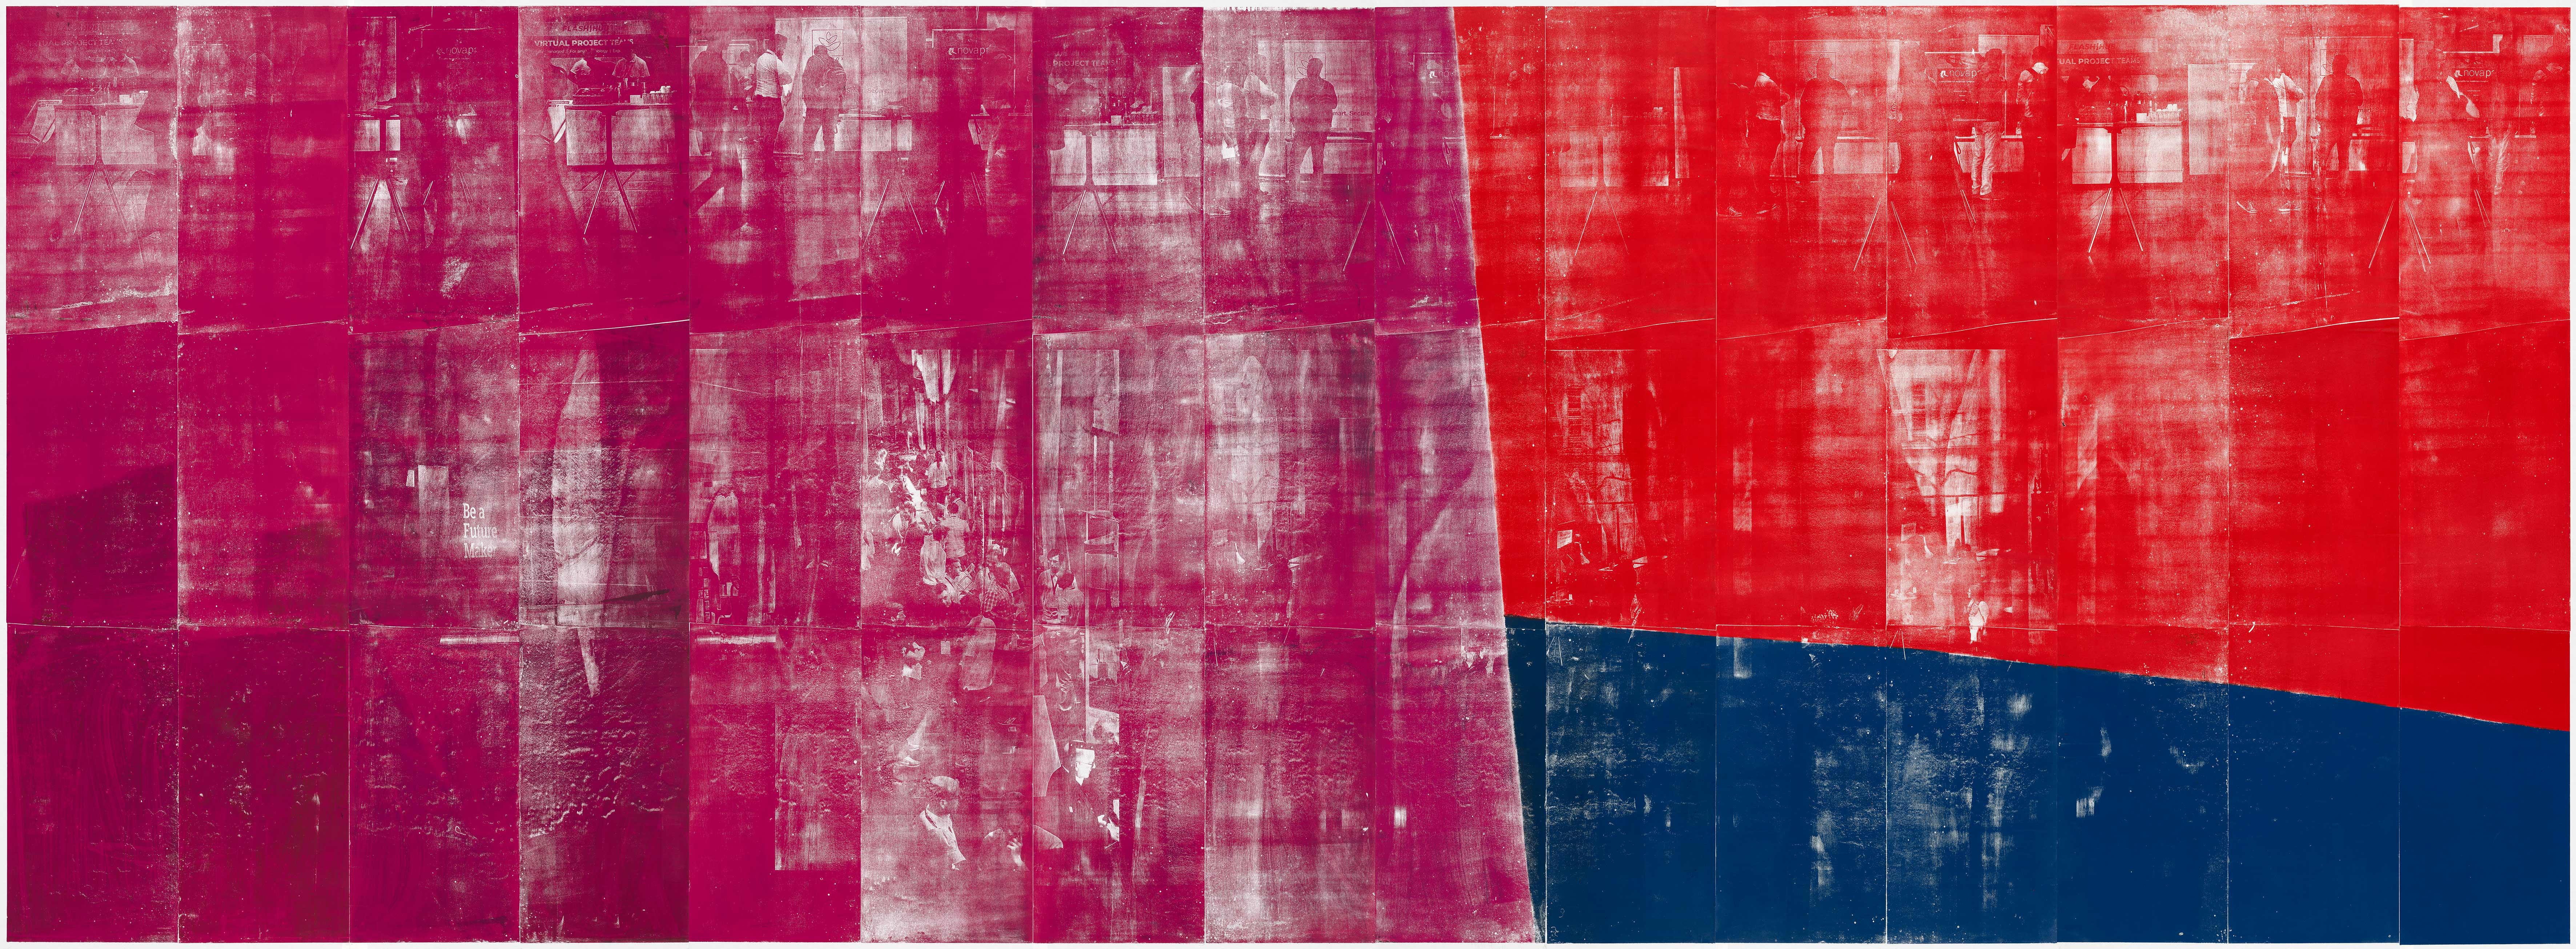 Farbkreis 2 Ende Kunstwerk